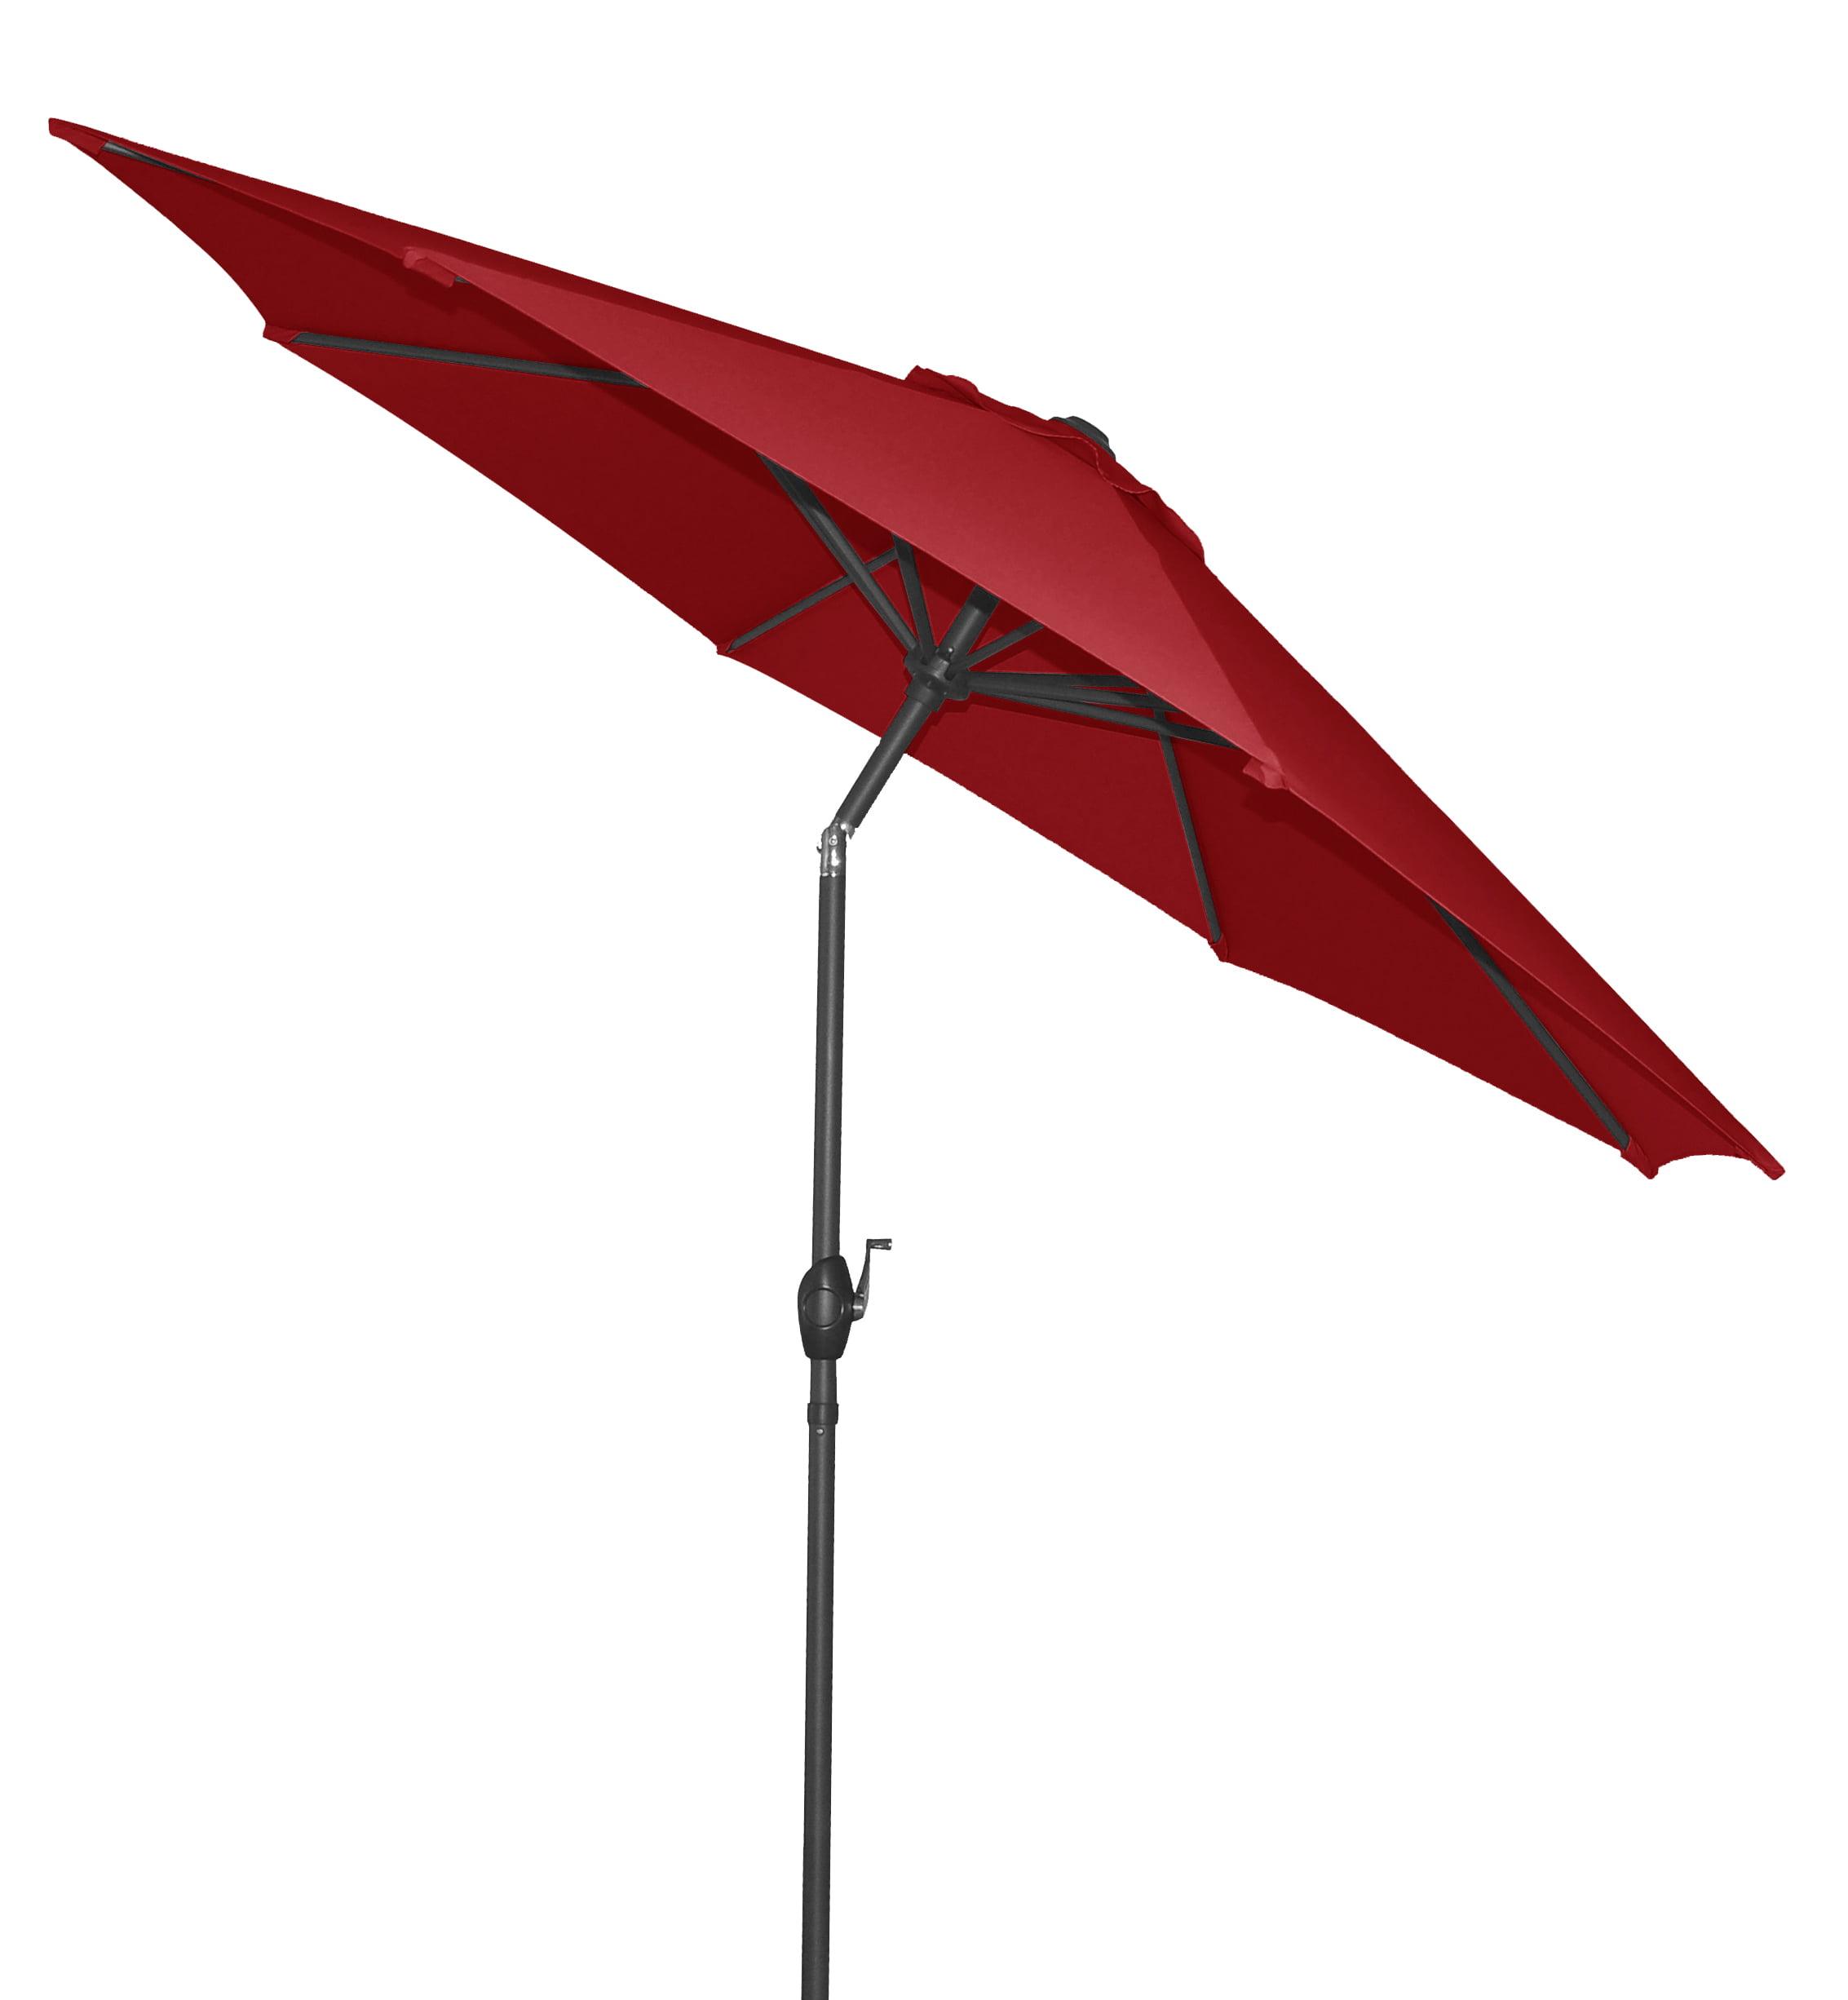 Mainstays 9' Outdoor Market Umbrella- Really Red